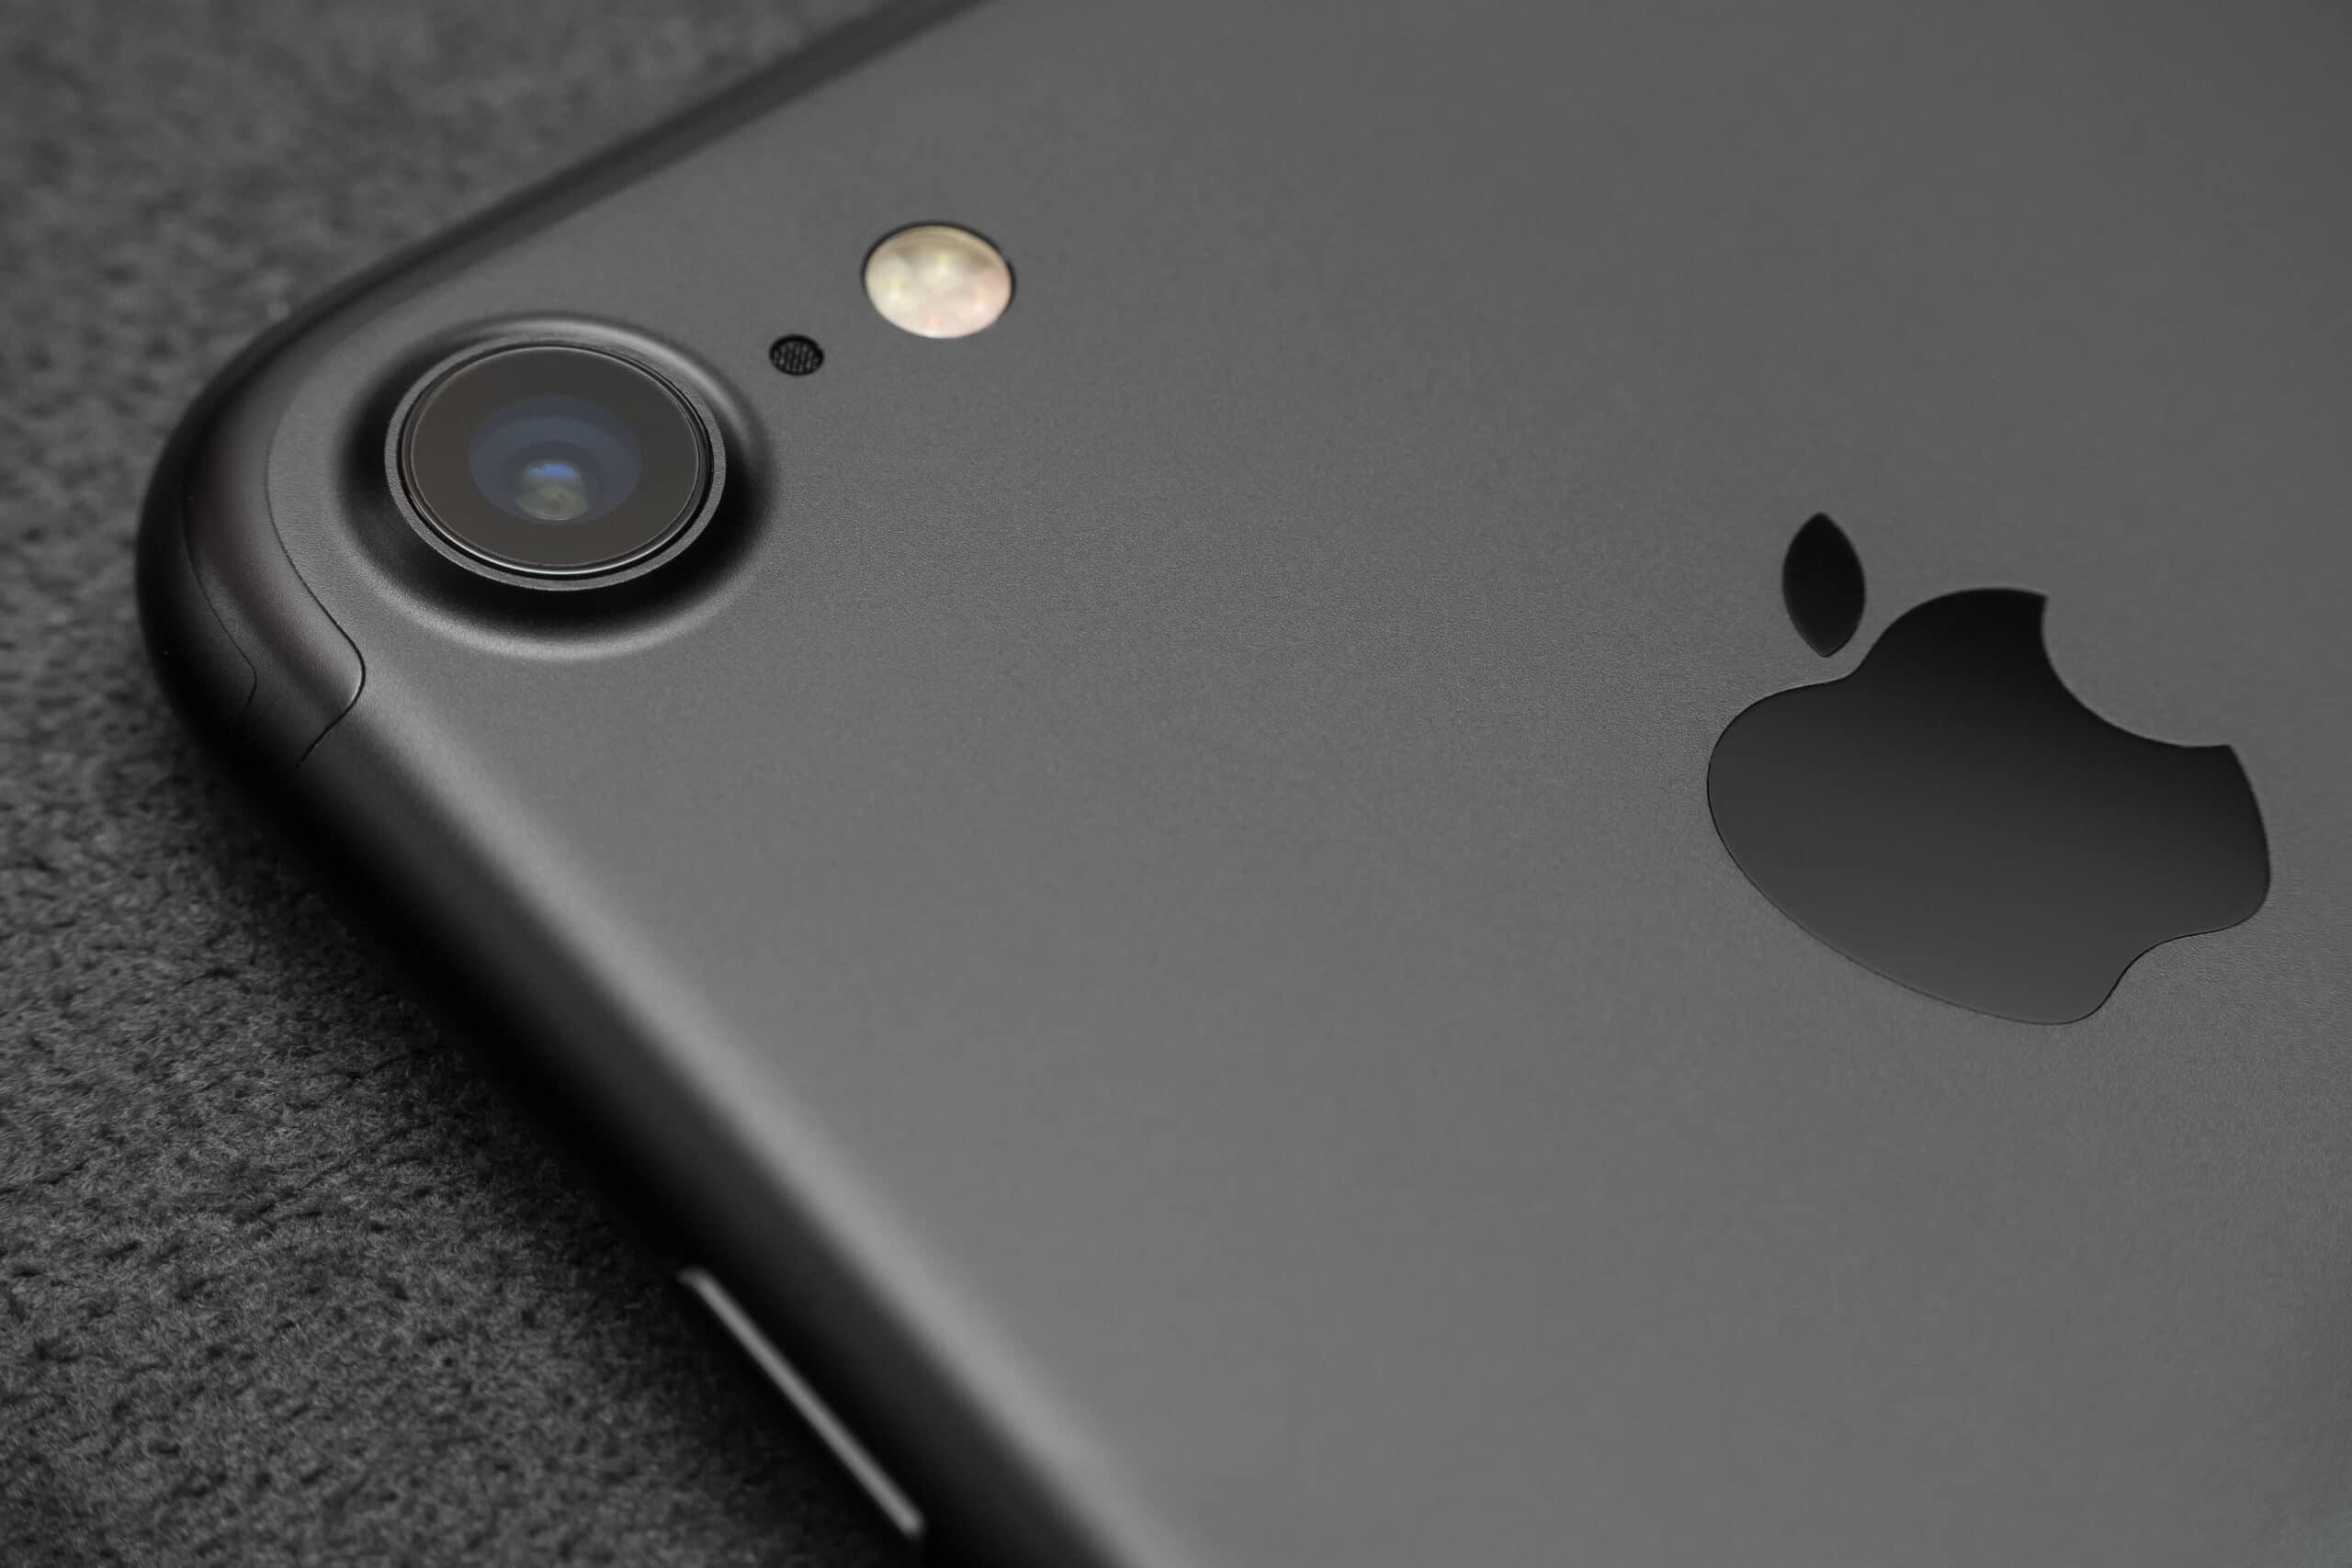 Câmera/flash do iPhone 7